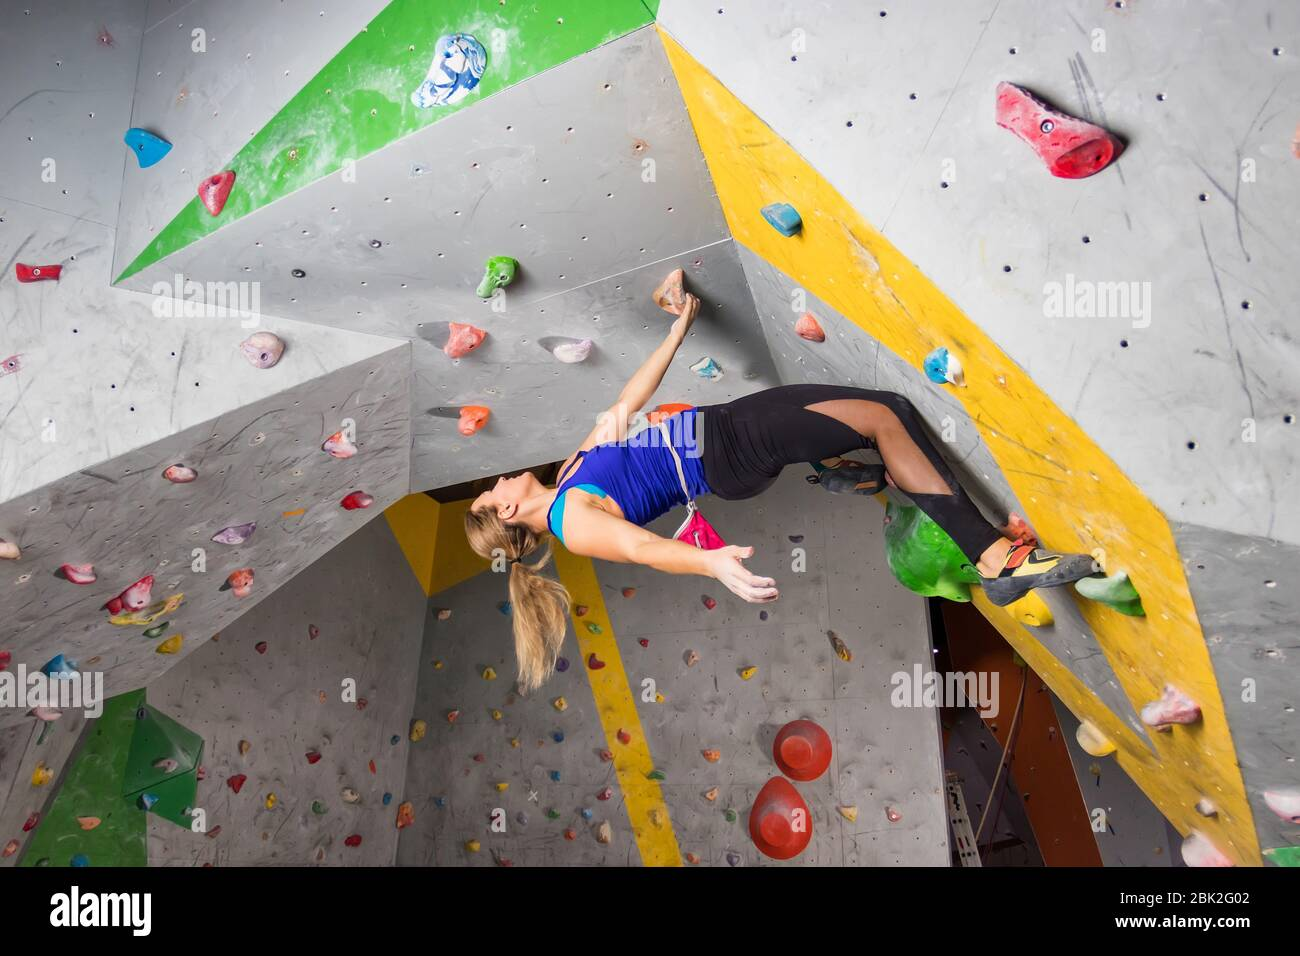 Mujer escaladora colgando en una pared de escalada, dentro de ganchos de colores. Foto de stock